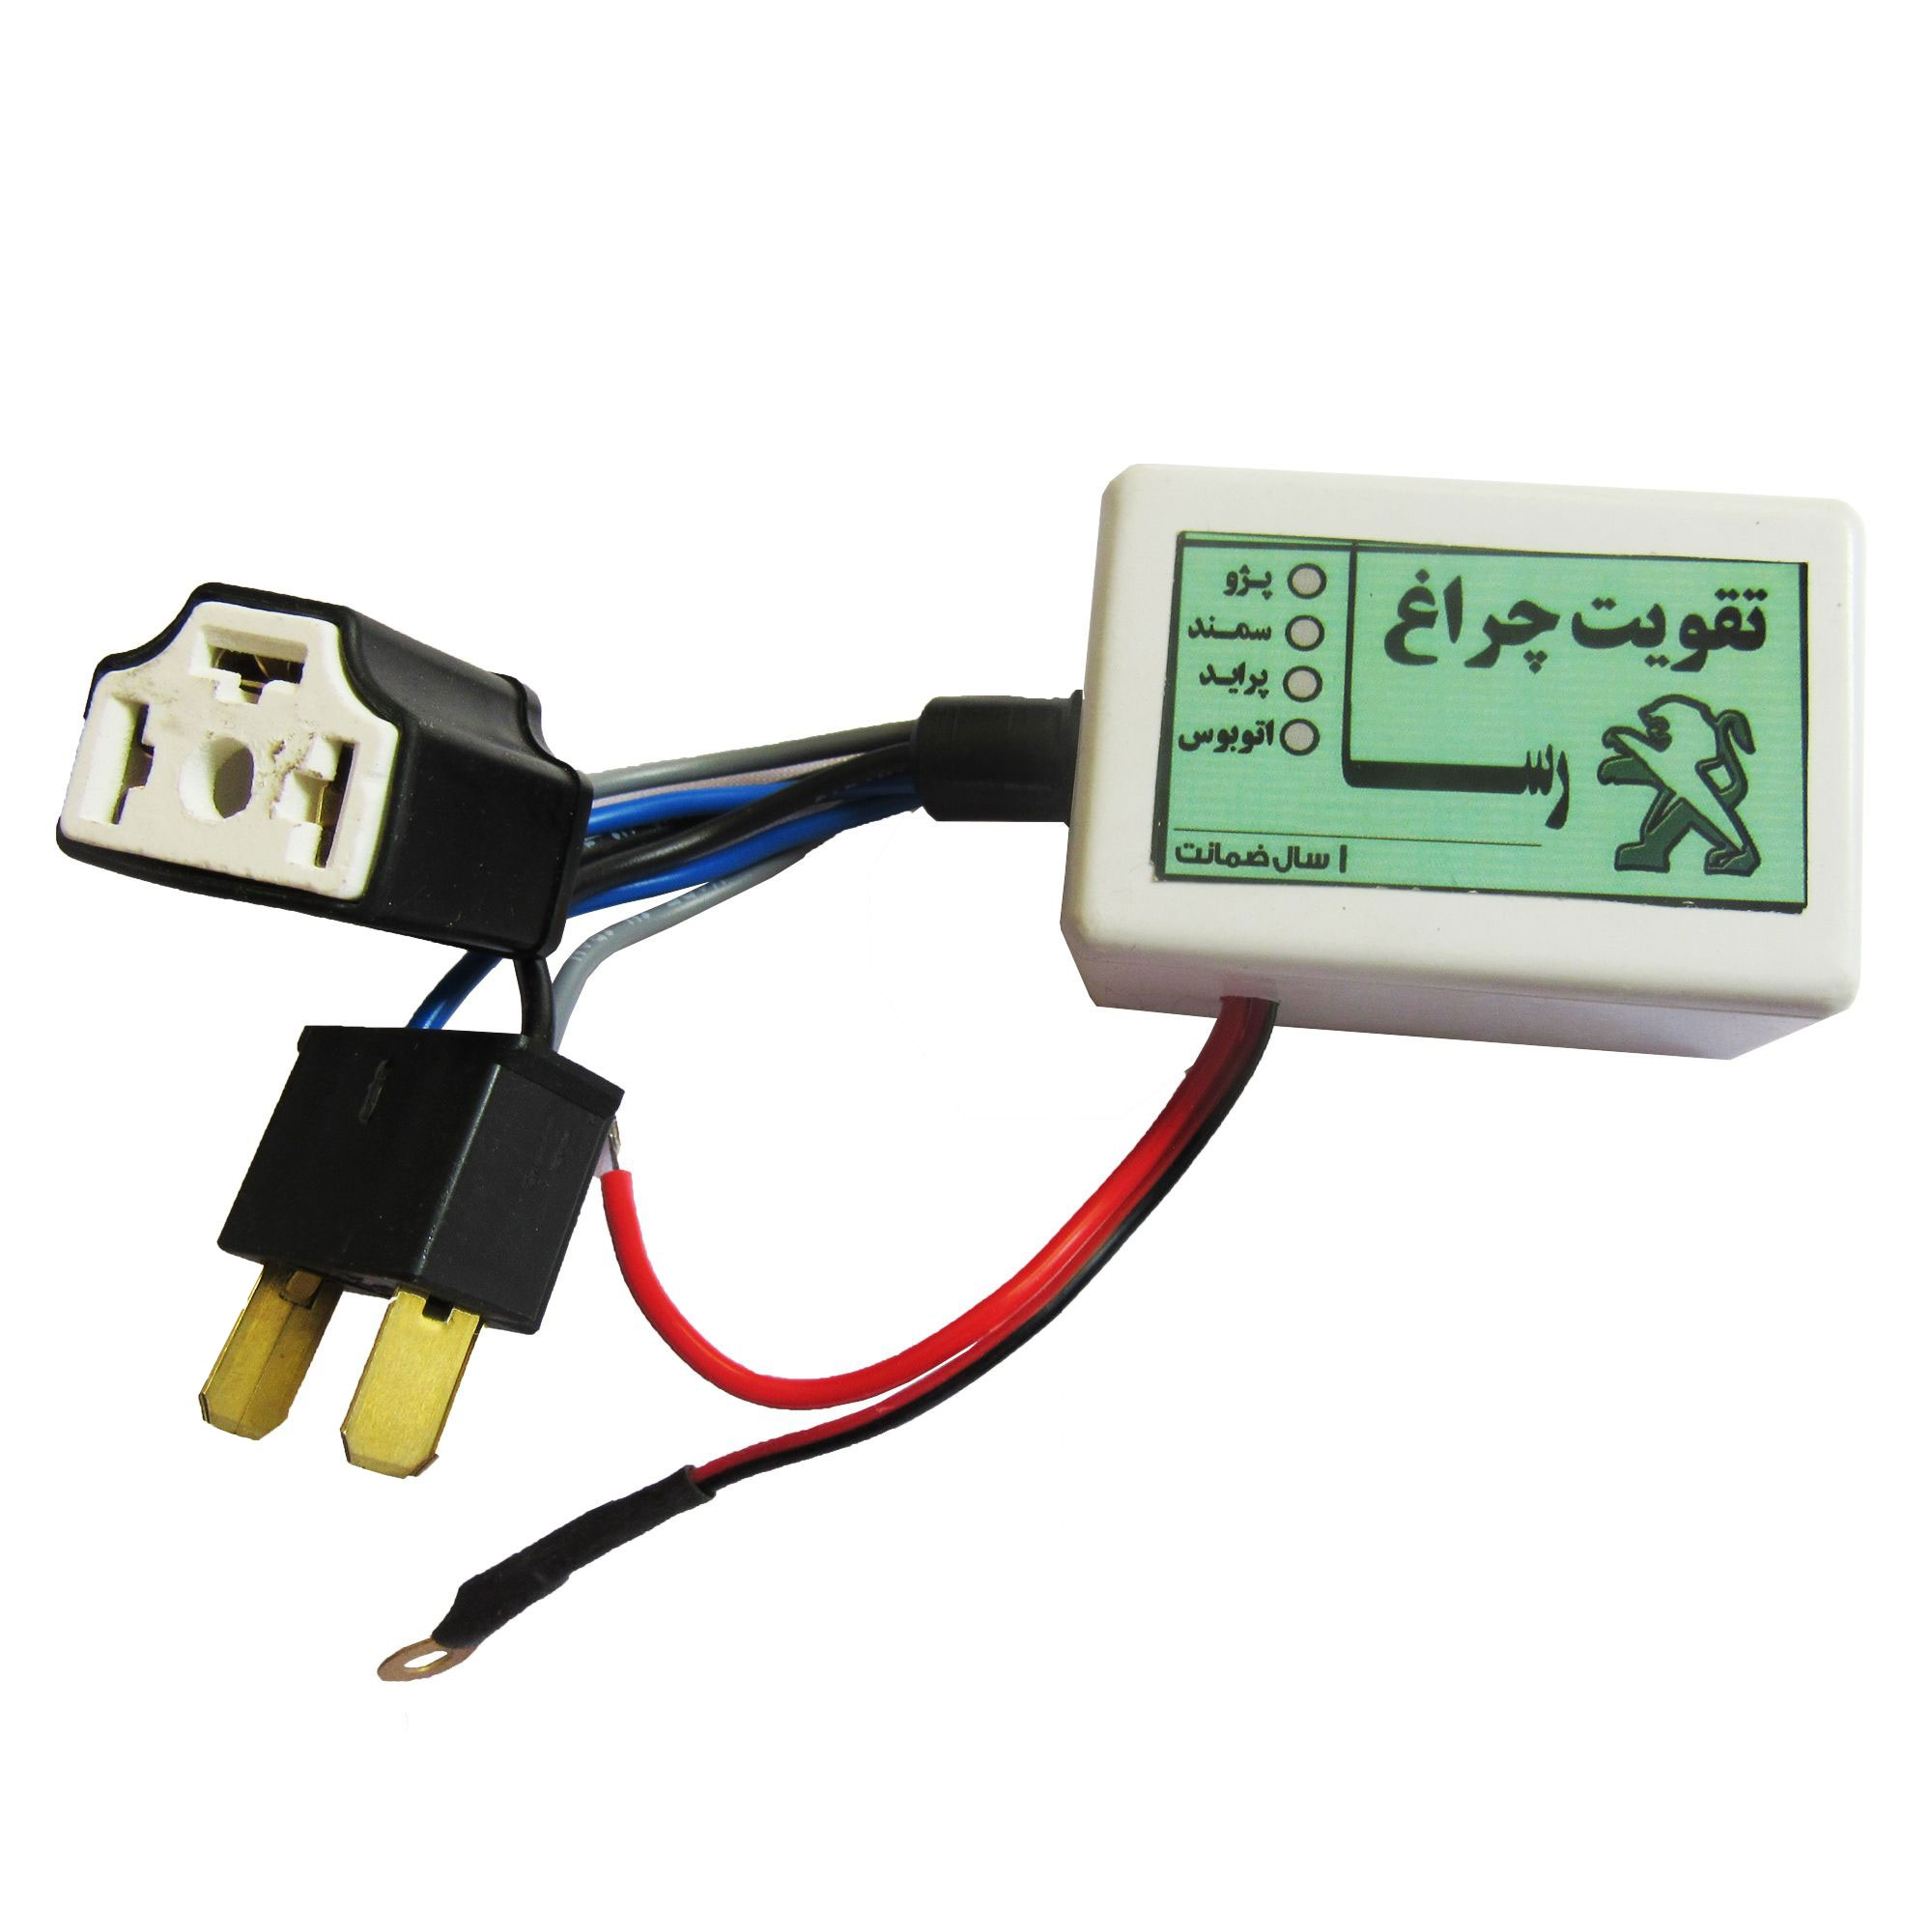 تقویت چراغ خودرو رسا کد 01